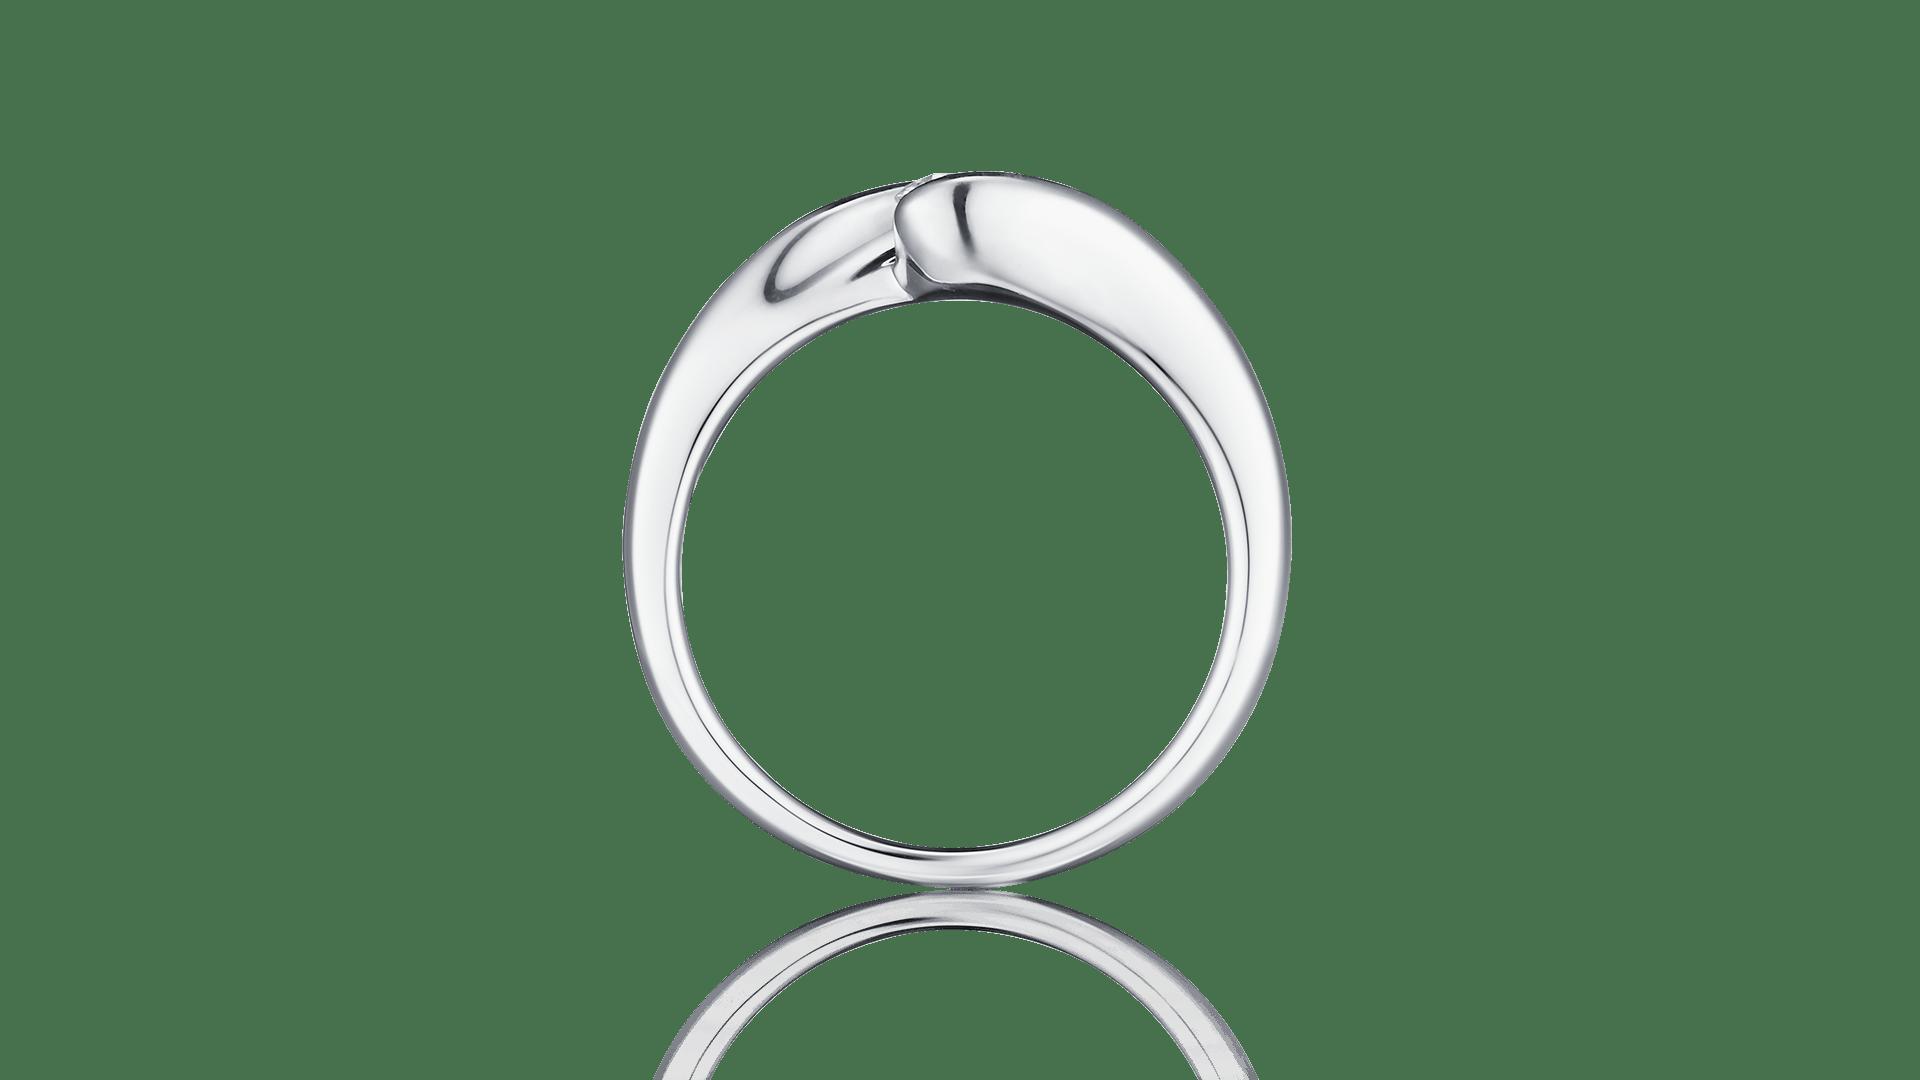 vega ヴェガ | 婚約指輪サムネイル 2